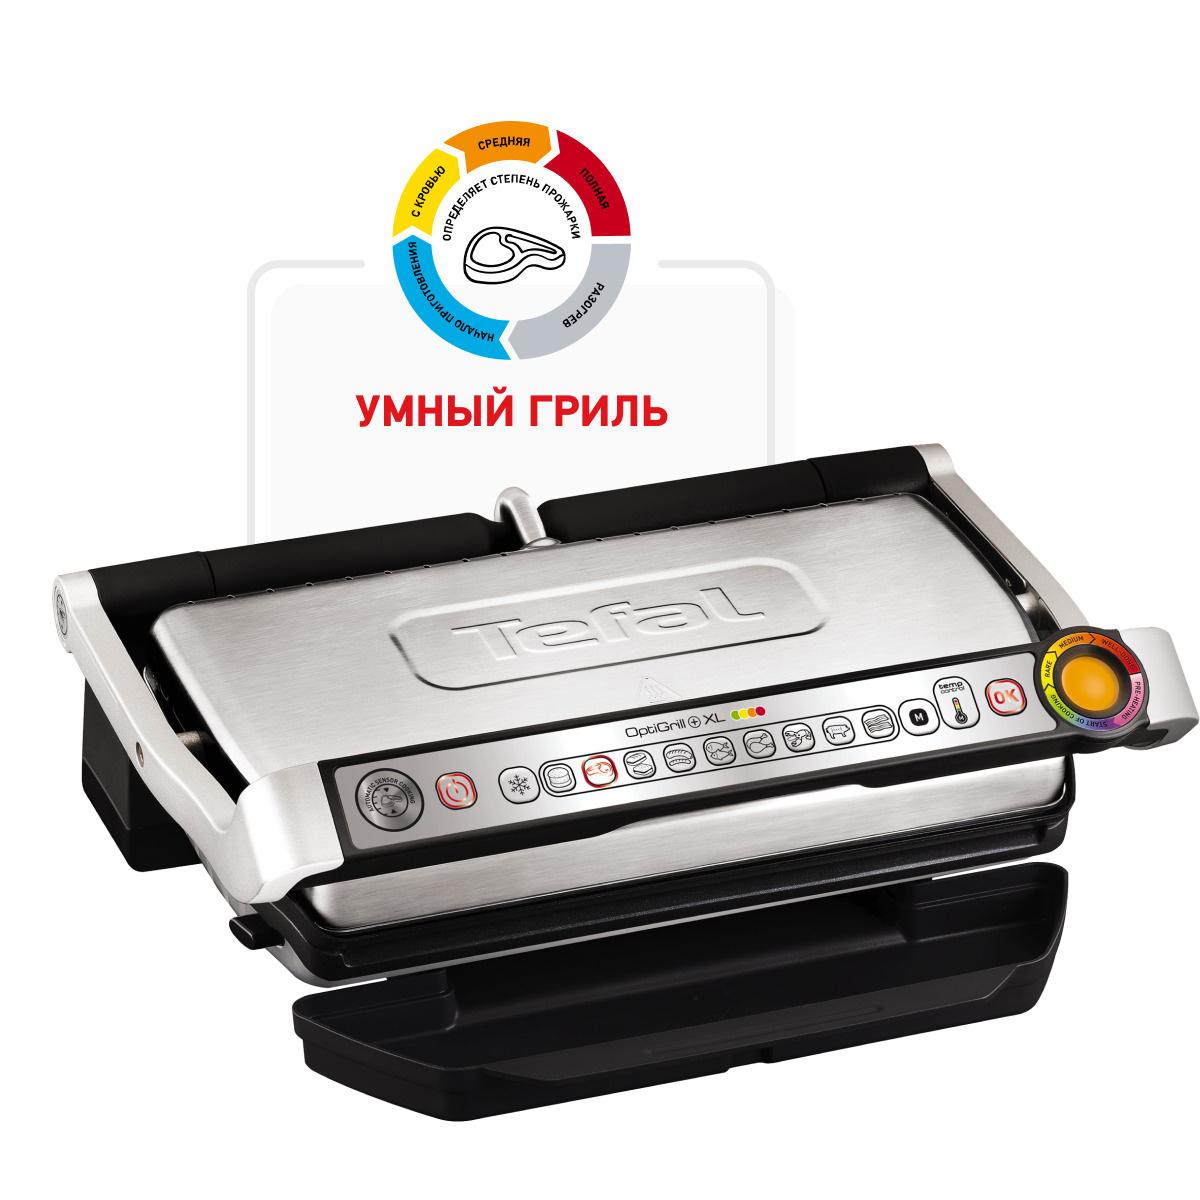 Электрогриль Tefal Optigrill+ XL GC722D34 #1